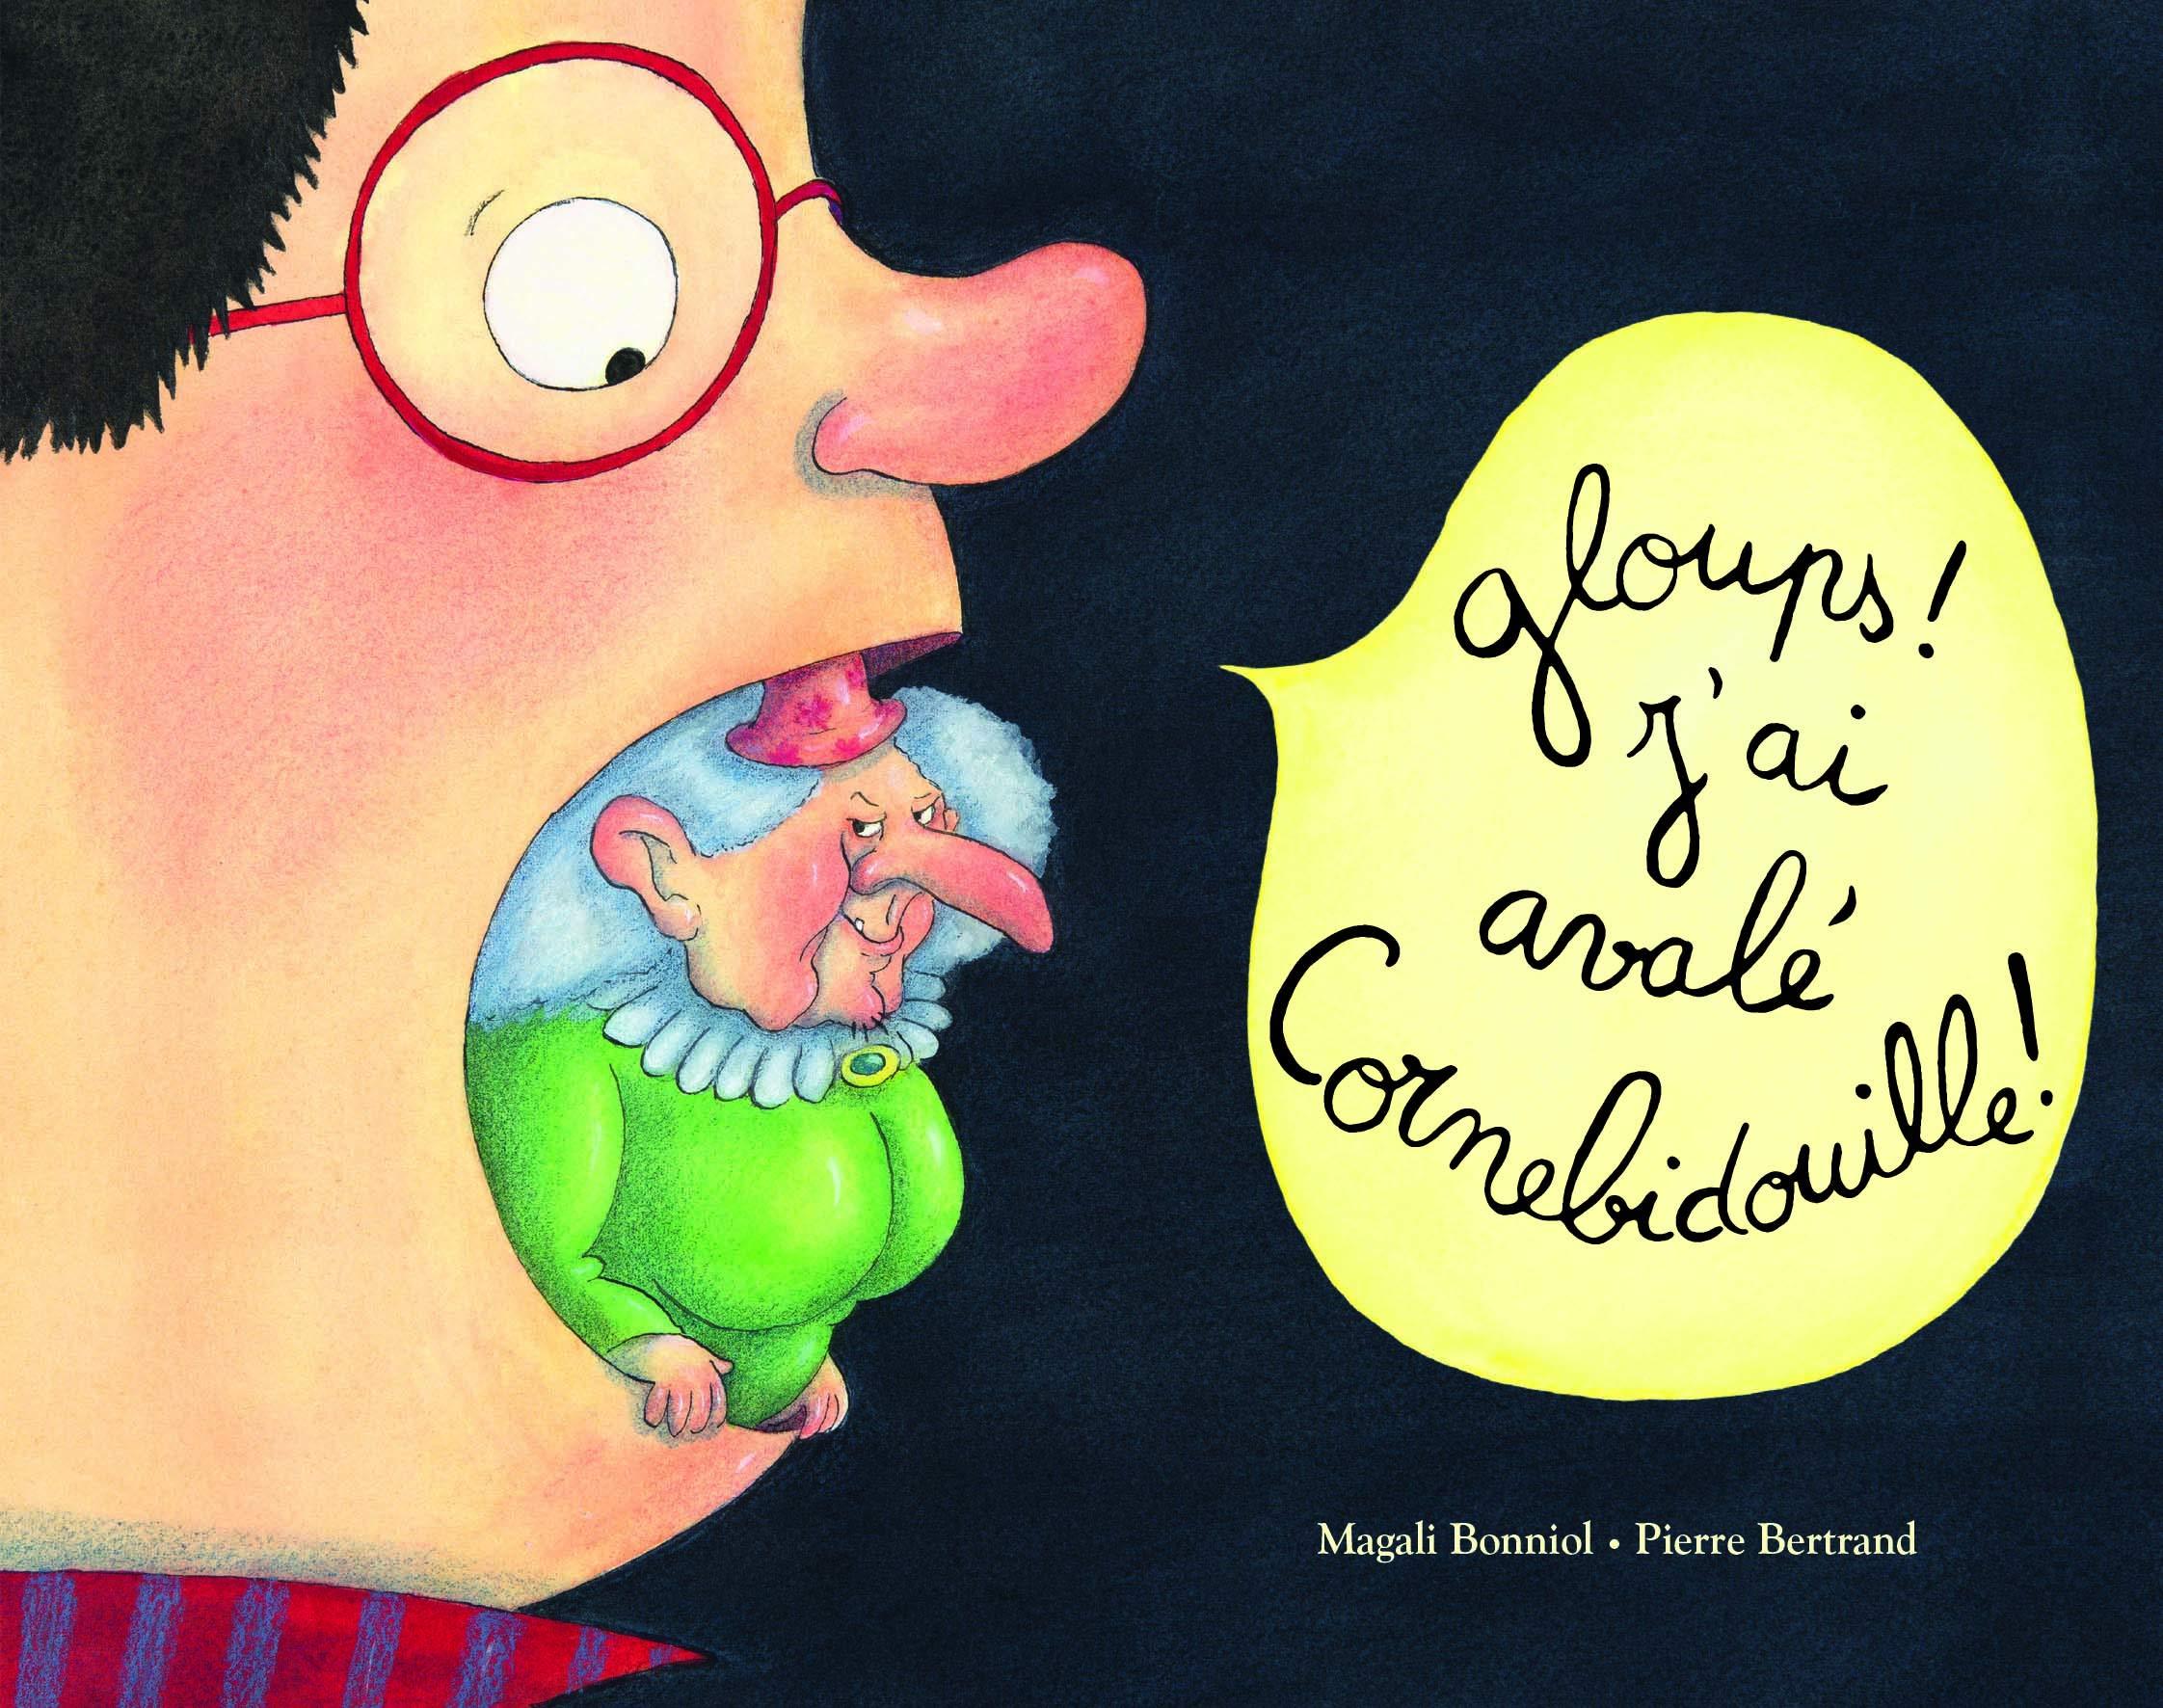 Gloups! j'ai avale cornebidouille! Poche – 17 octobre 2018 Bertrand Pierre Magali Bonniol L' Ecole des Loisirs 2211238157